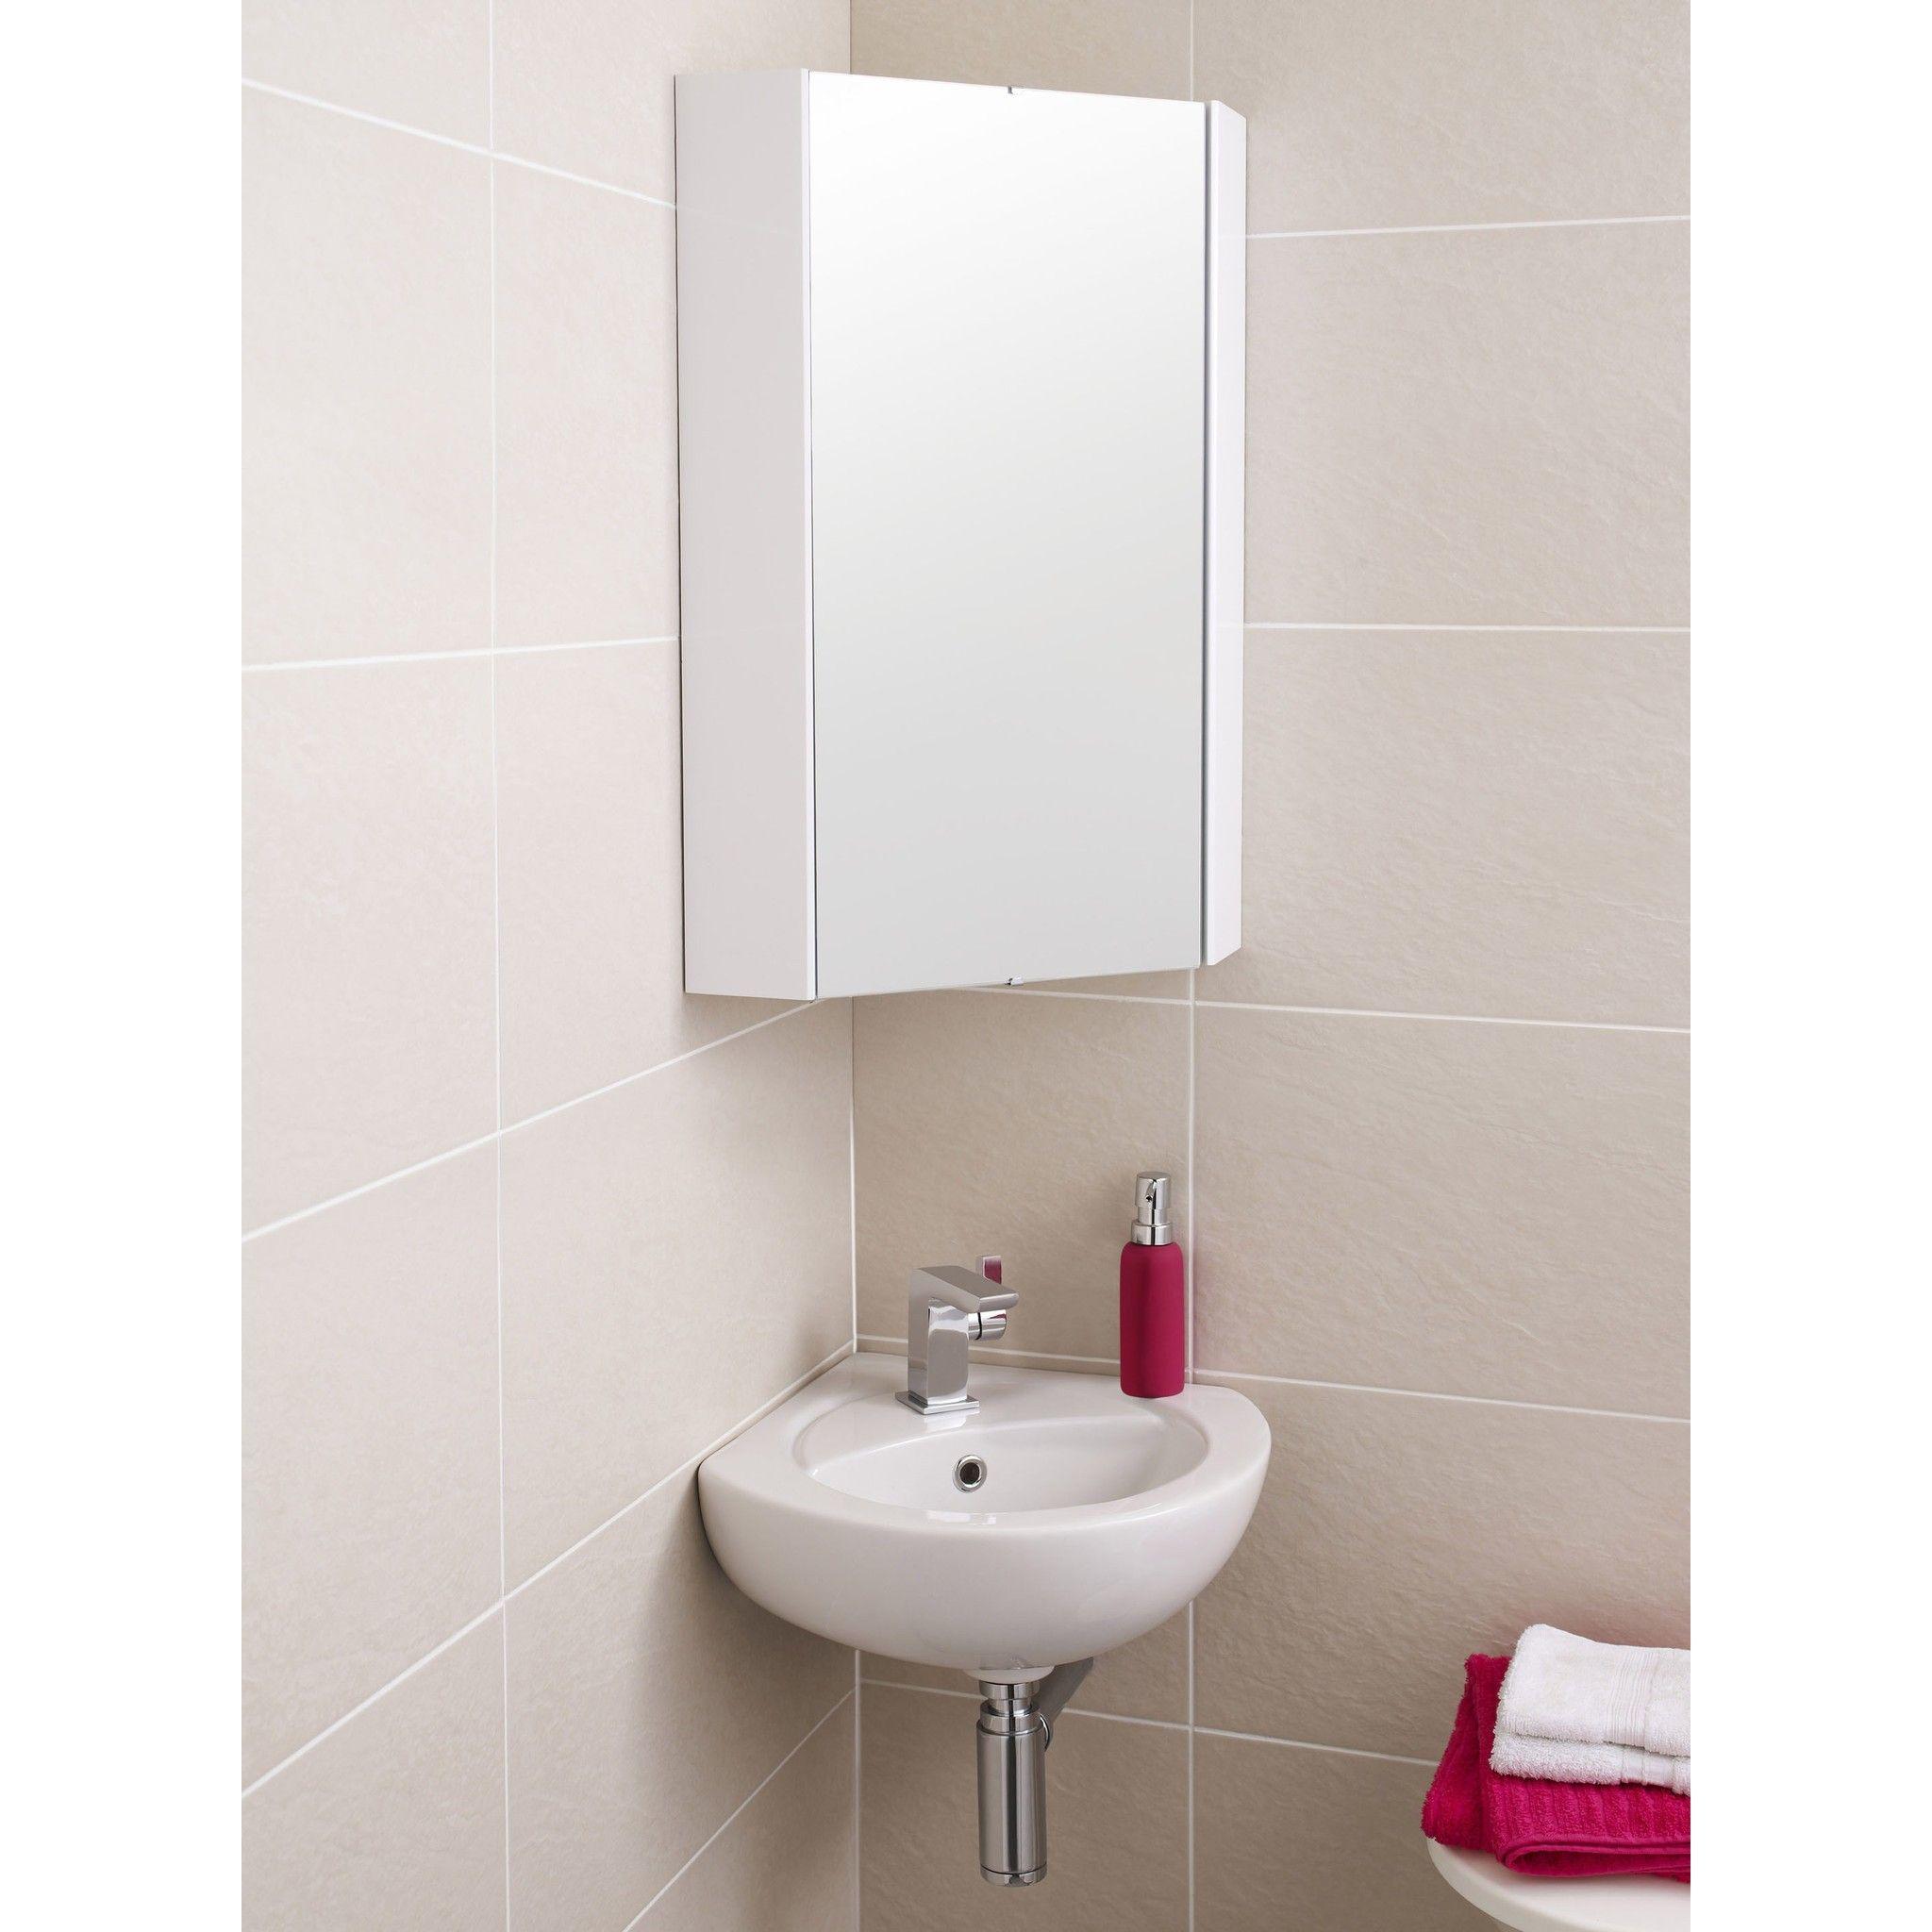 Wonderful 15 Clever Pedestal Sink Storage Design Ideas